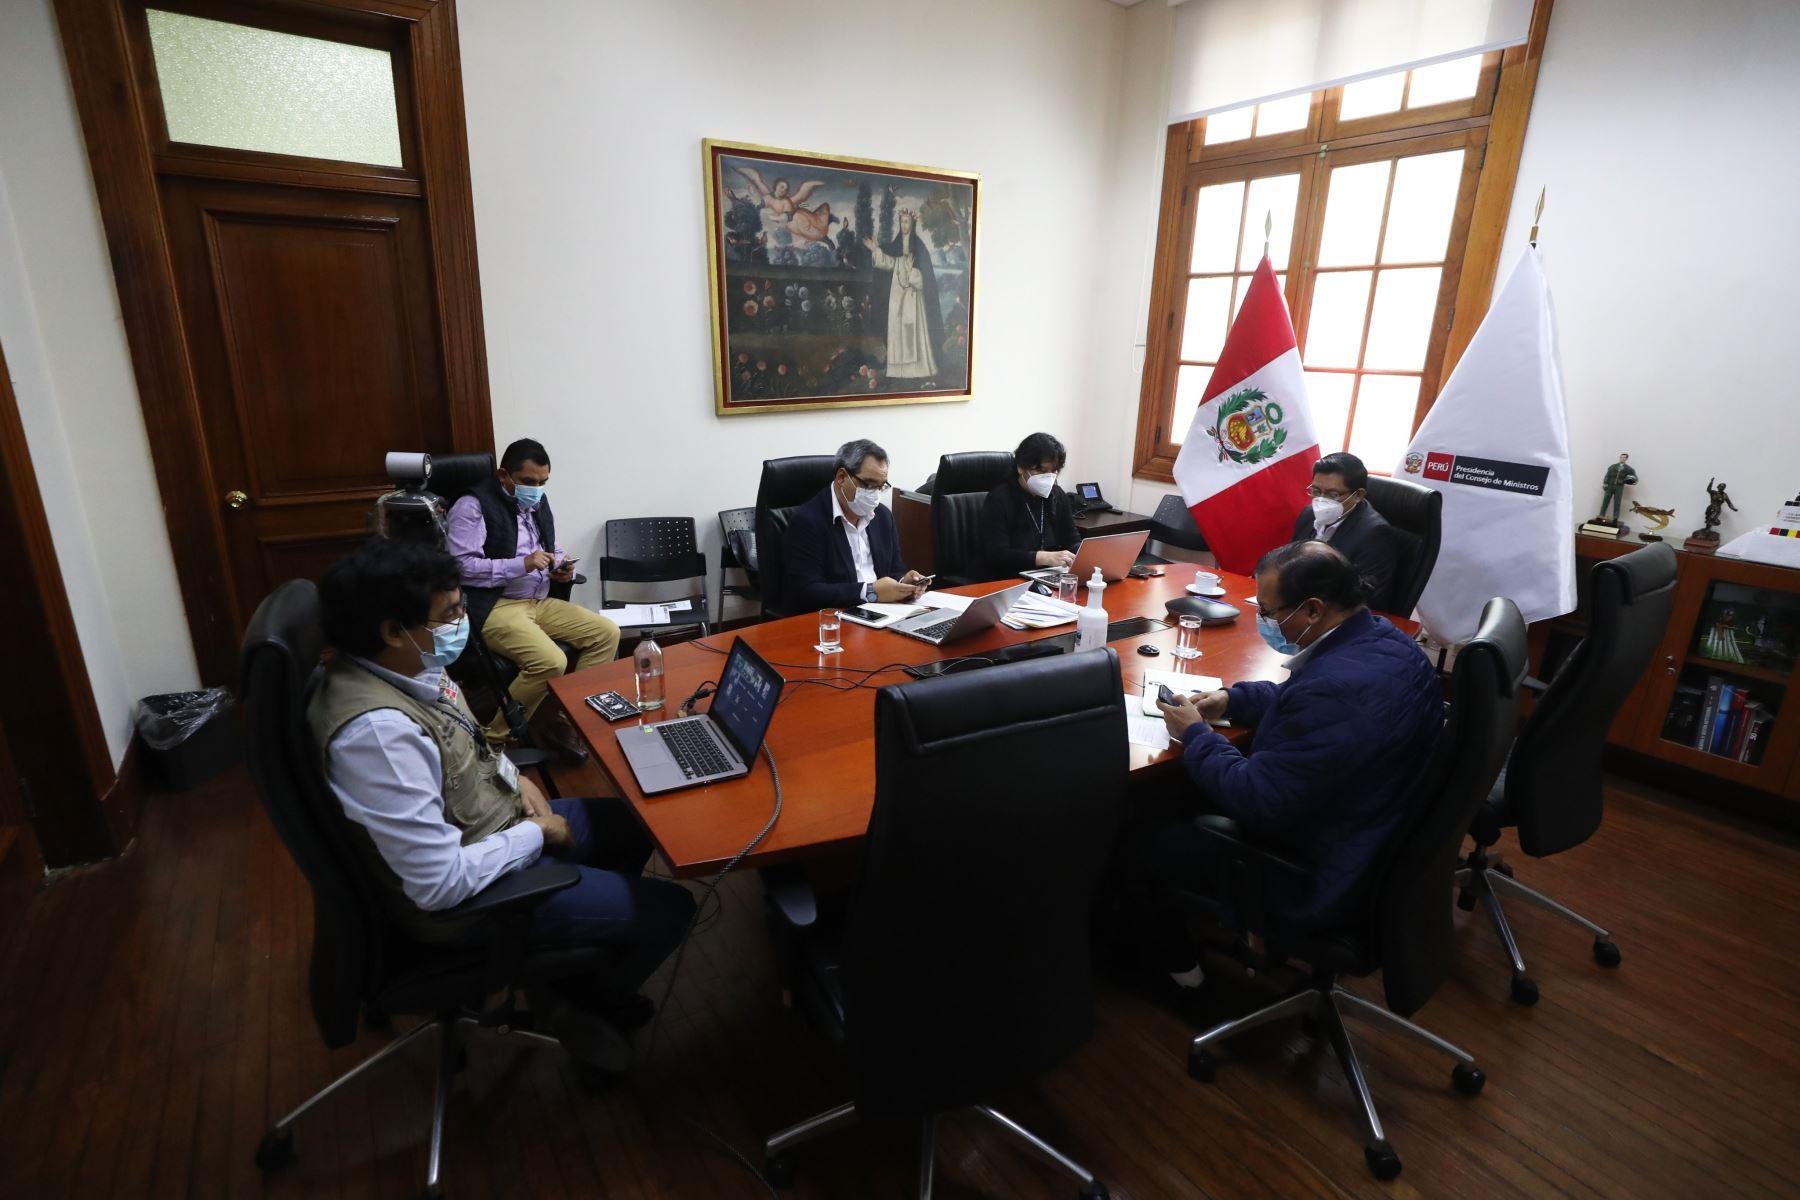 Presidente del Consejo de Ministros, Vicente Zeballos, sostuvo una reunión con alcaldes provinciales y presidentes de mancomunidades de la región Huancavelica,